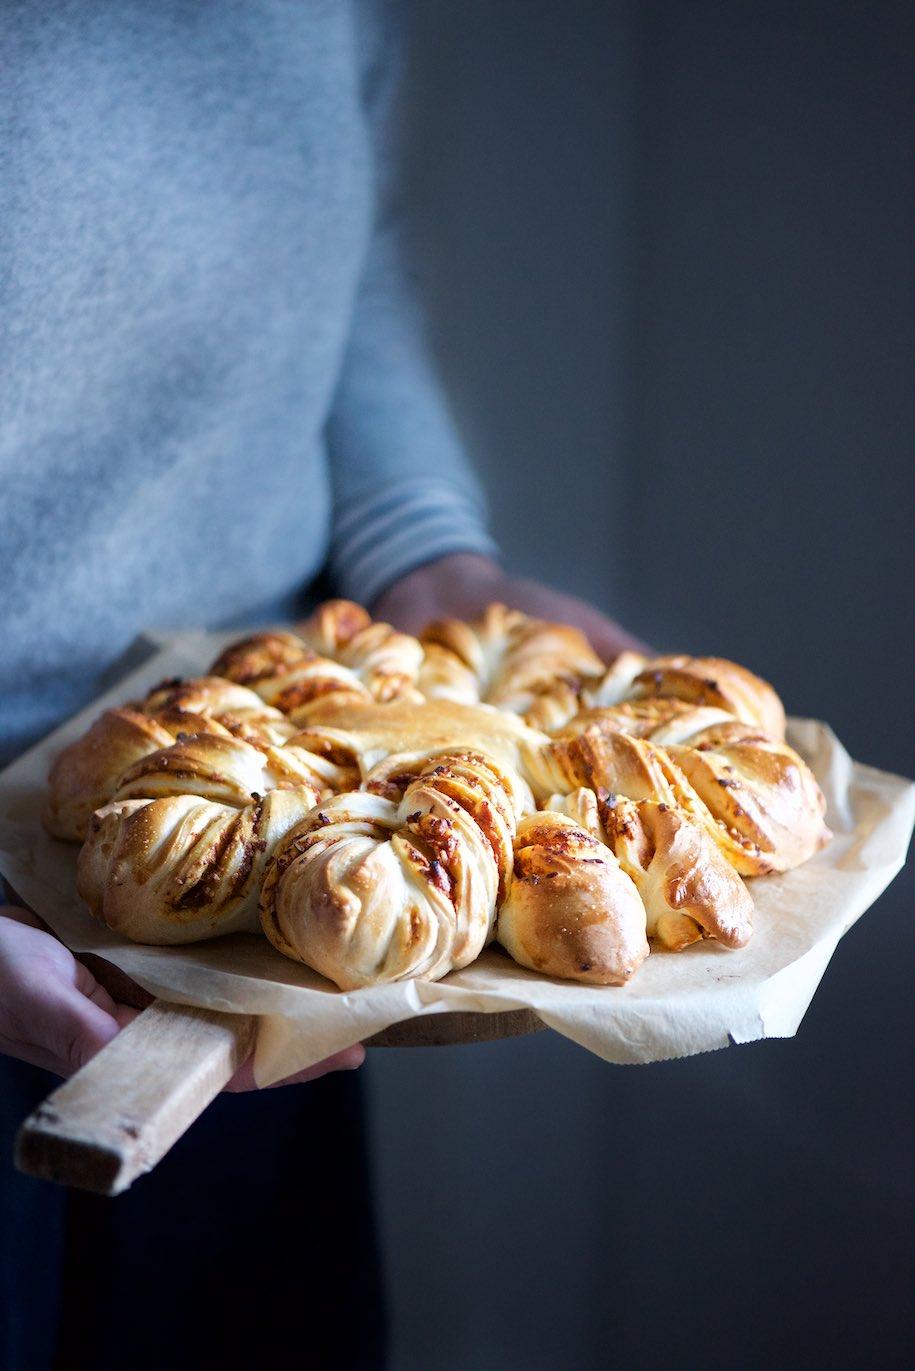 pan briche ripieno di pesto di pomodori secchi appoggiato su un tagliere che viene tenuto in mano